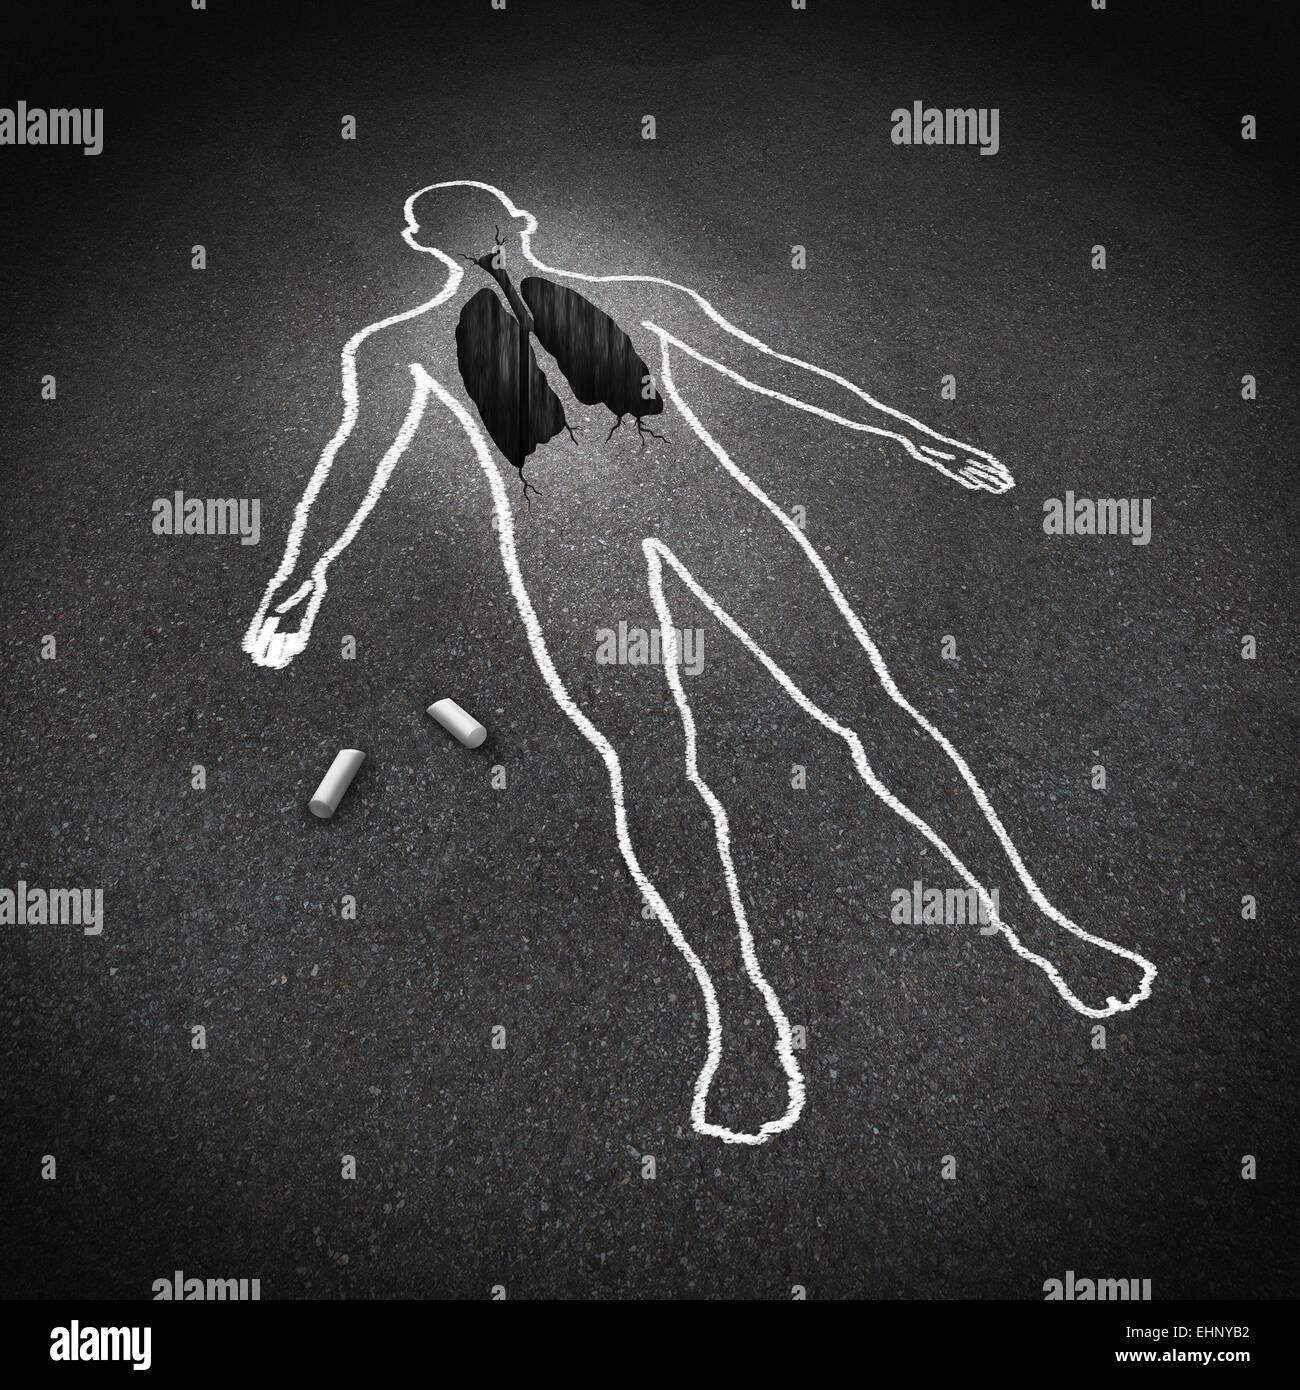 Concepto médico enfermedad pulmonar y enfermedad respiratoria anatomía humana símbolo como un dibujo Imagen De Stock